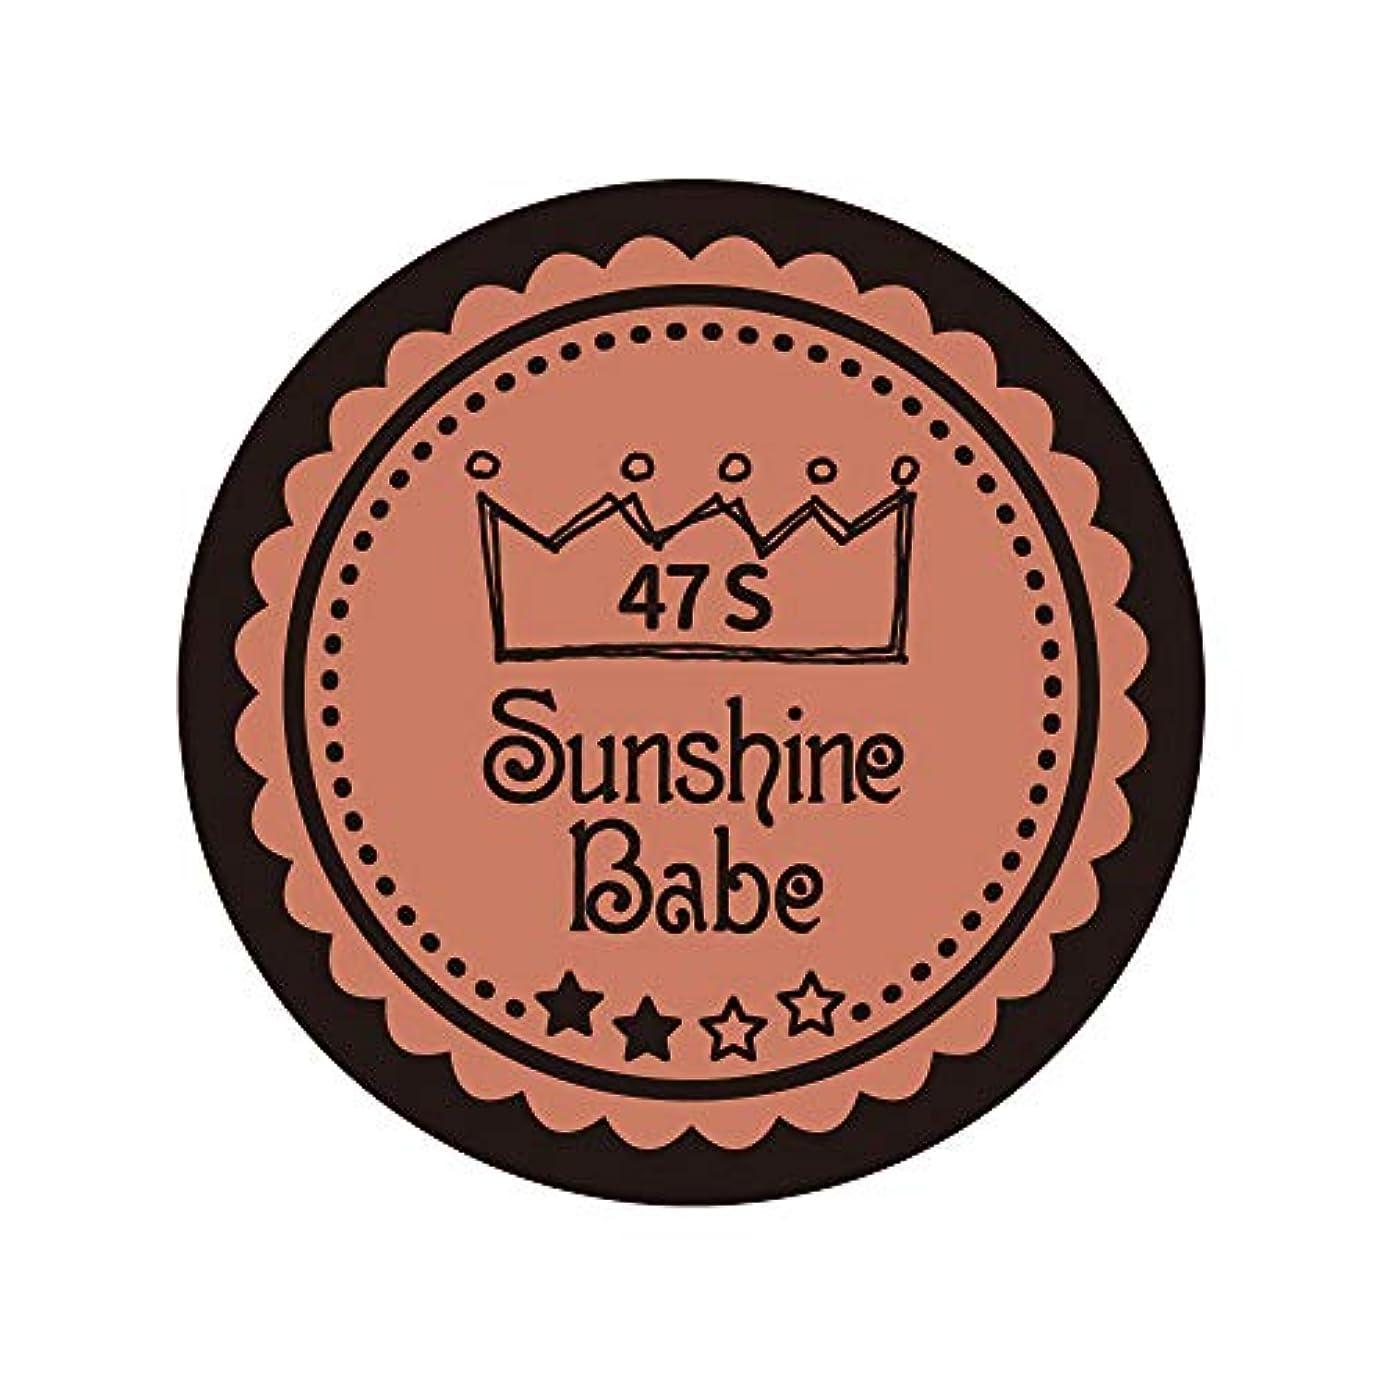 タクト衝動歪めるSunshine Babe カラージェル 47S ピーチブラウン 4g UV/LED対応